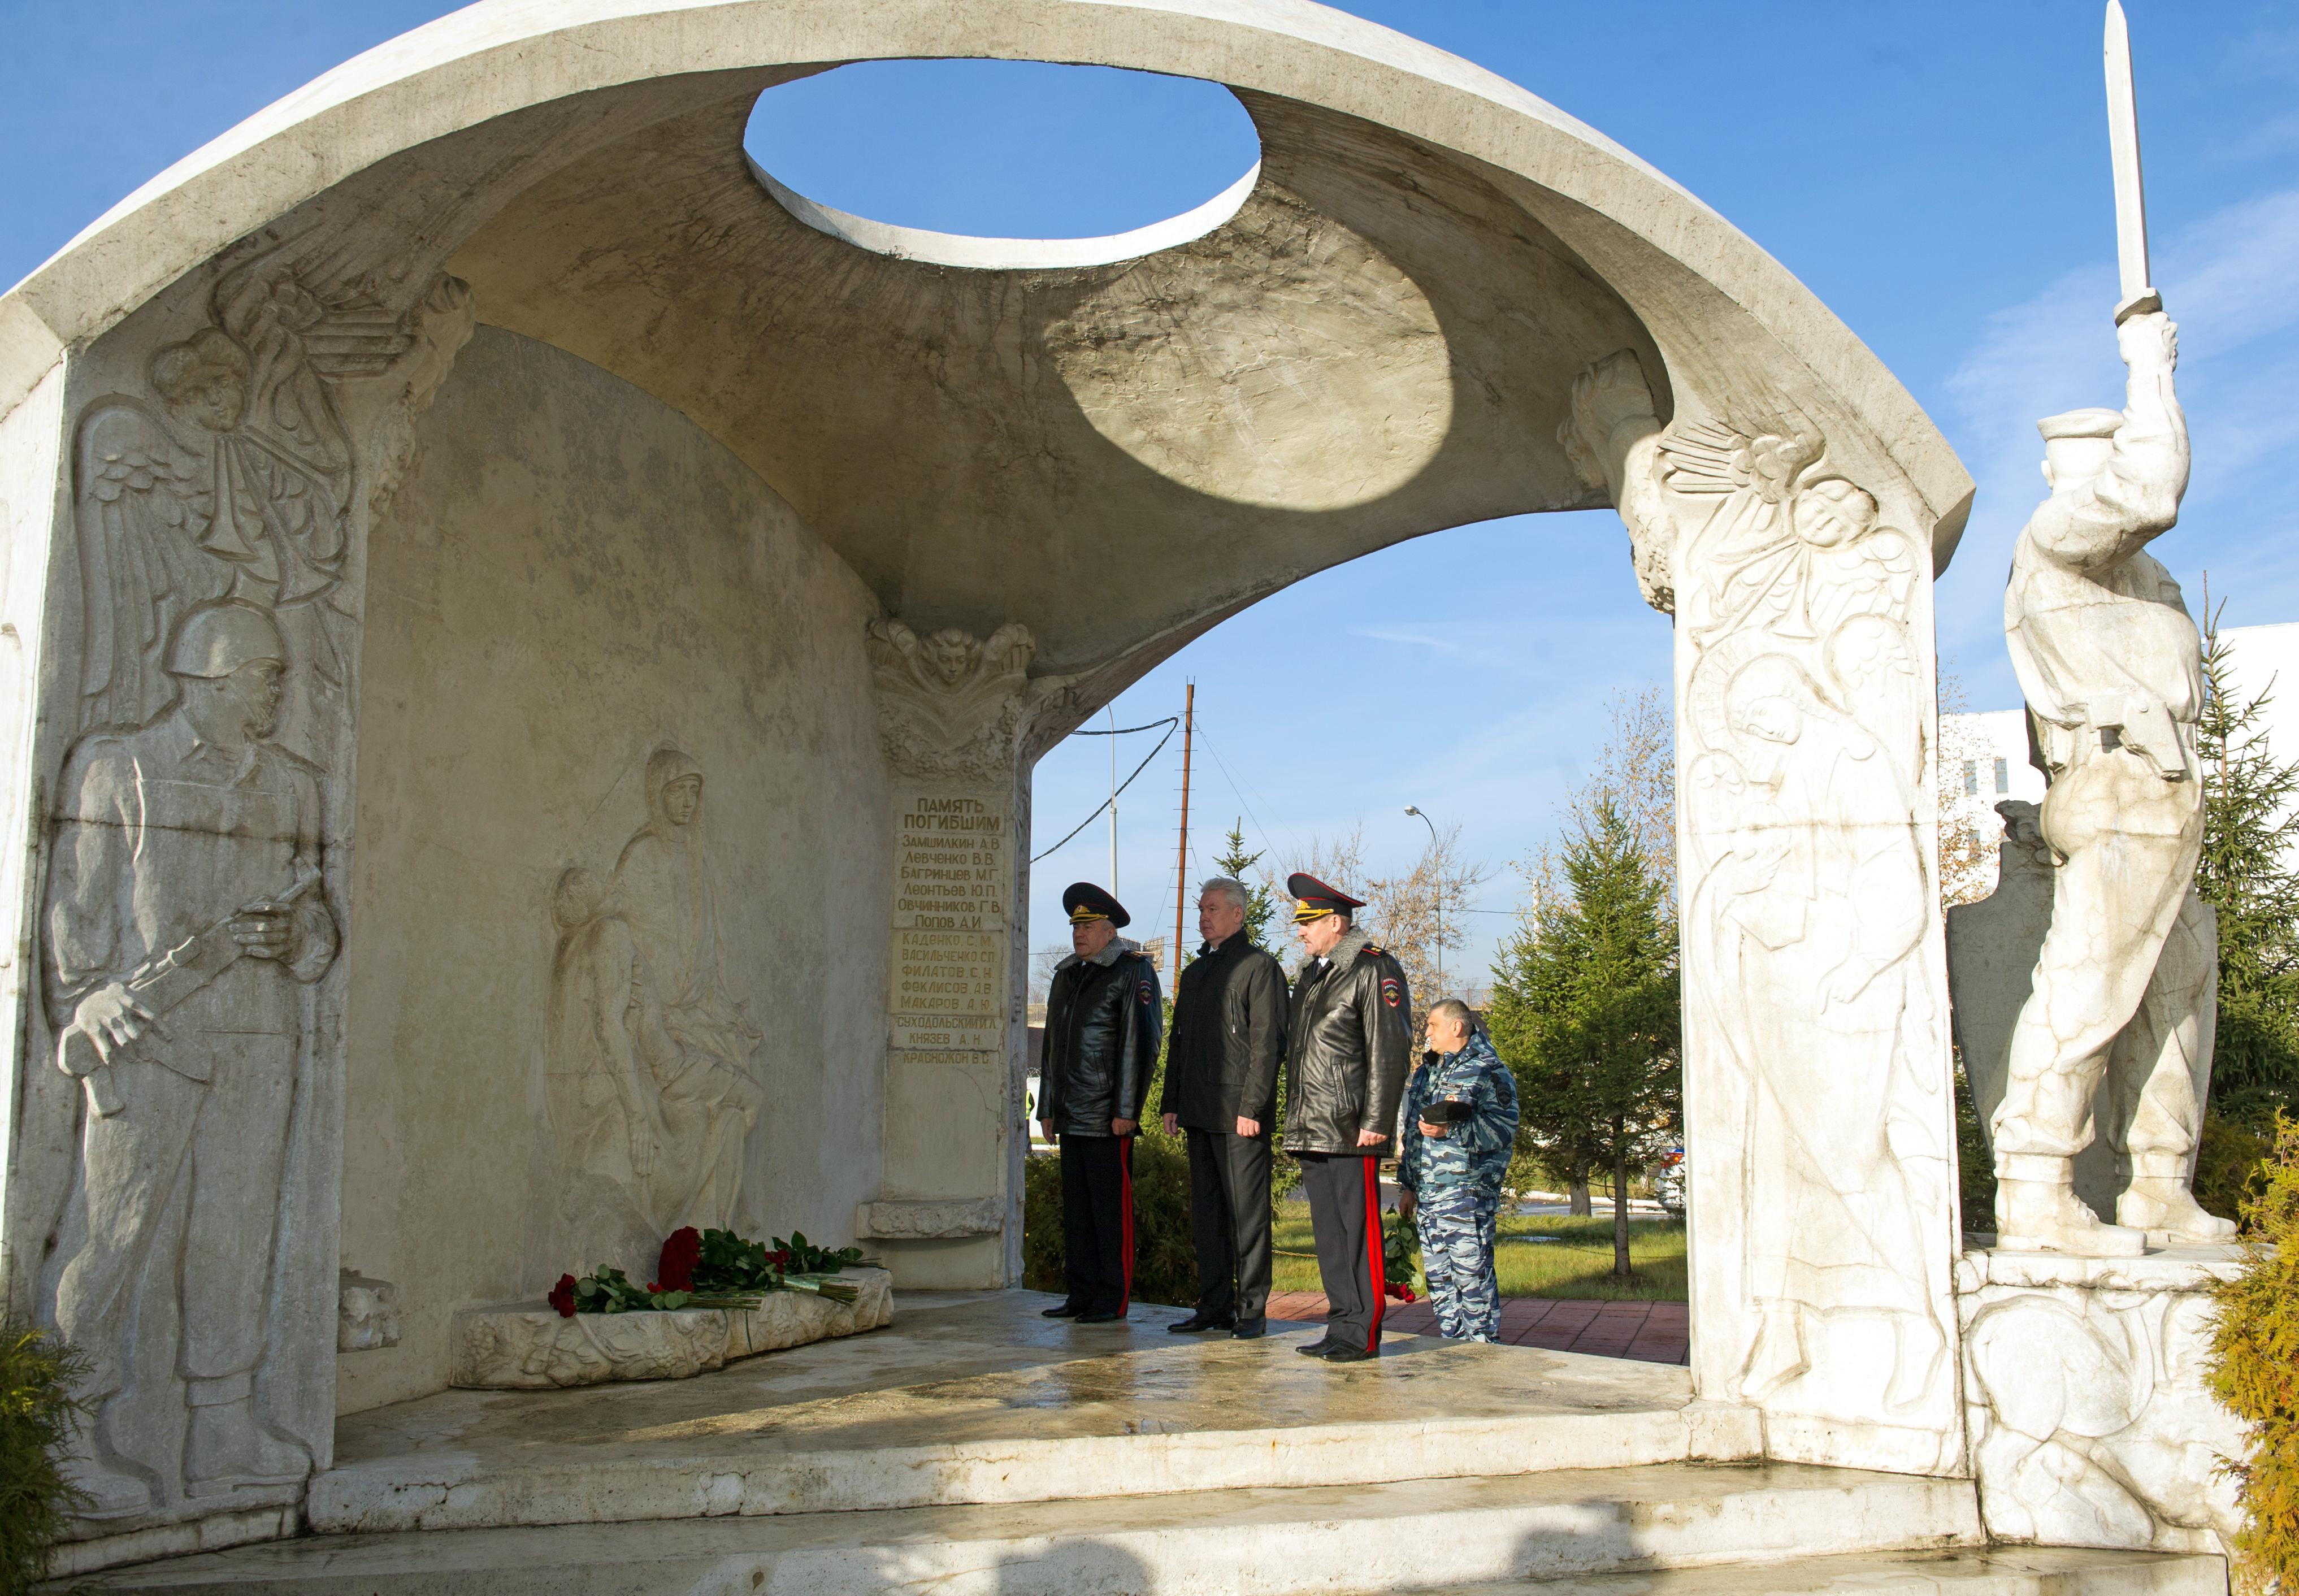 Сергей Собянин возлагает цветы к памятнику сотрудникам ОМОН